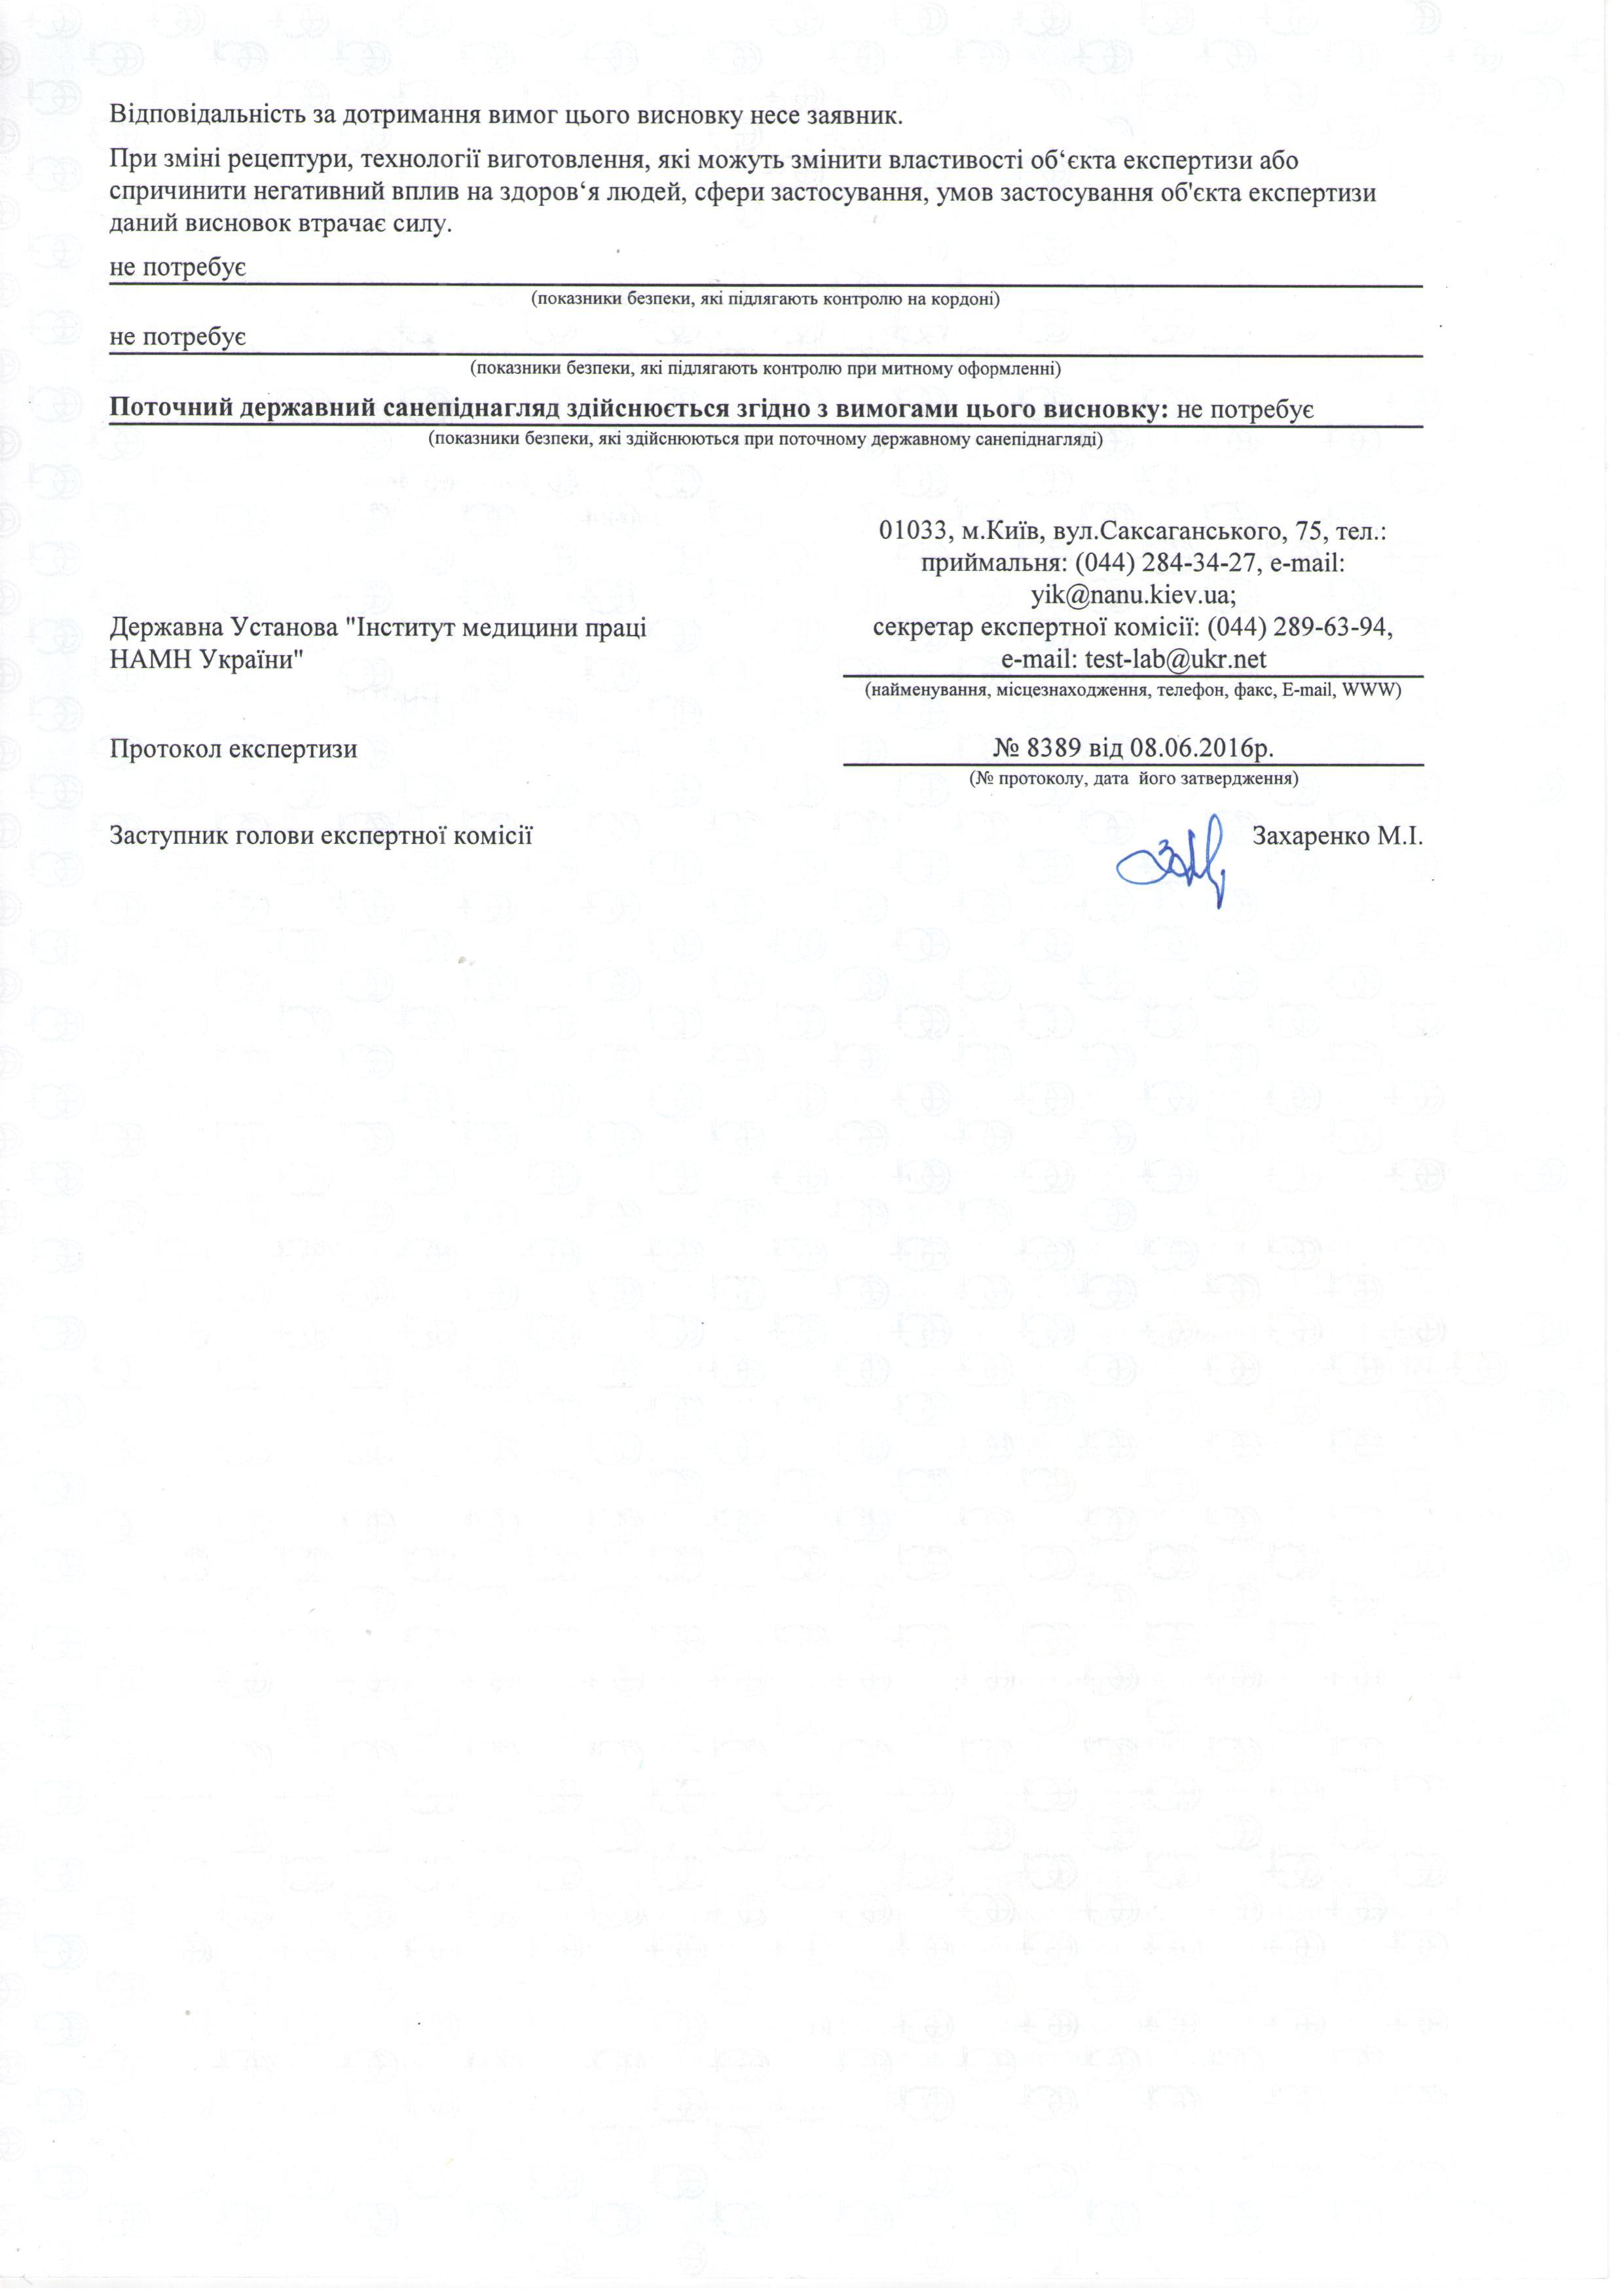 Дополнительное соглашение об ответственности производителя